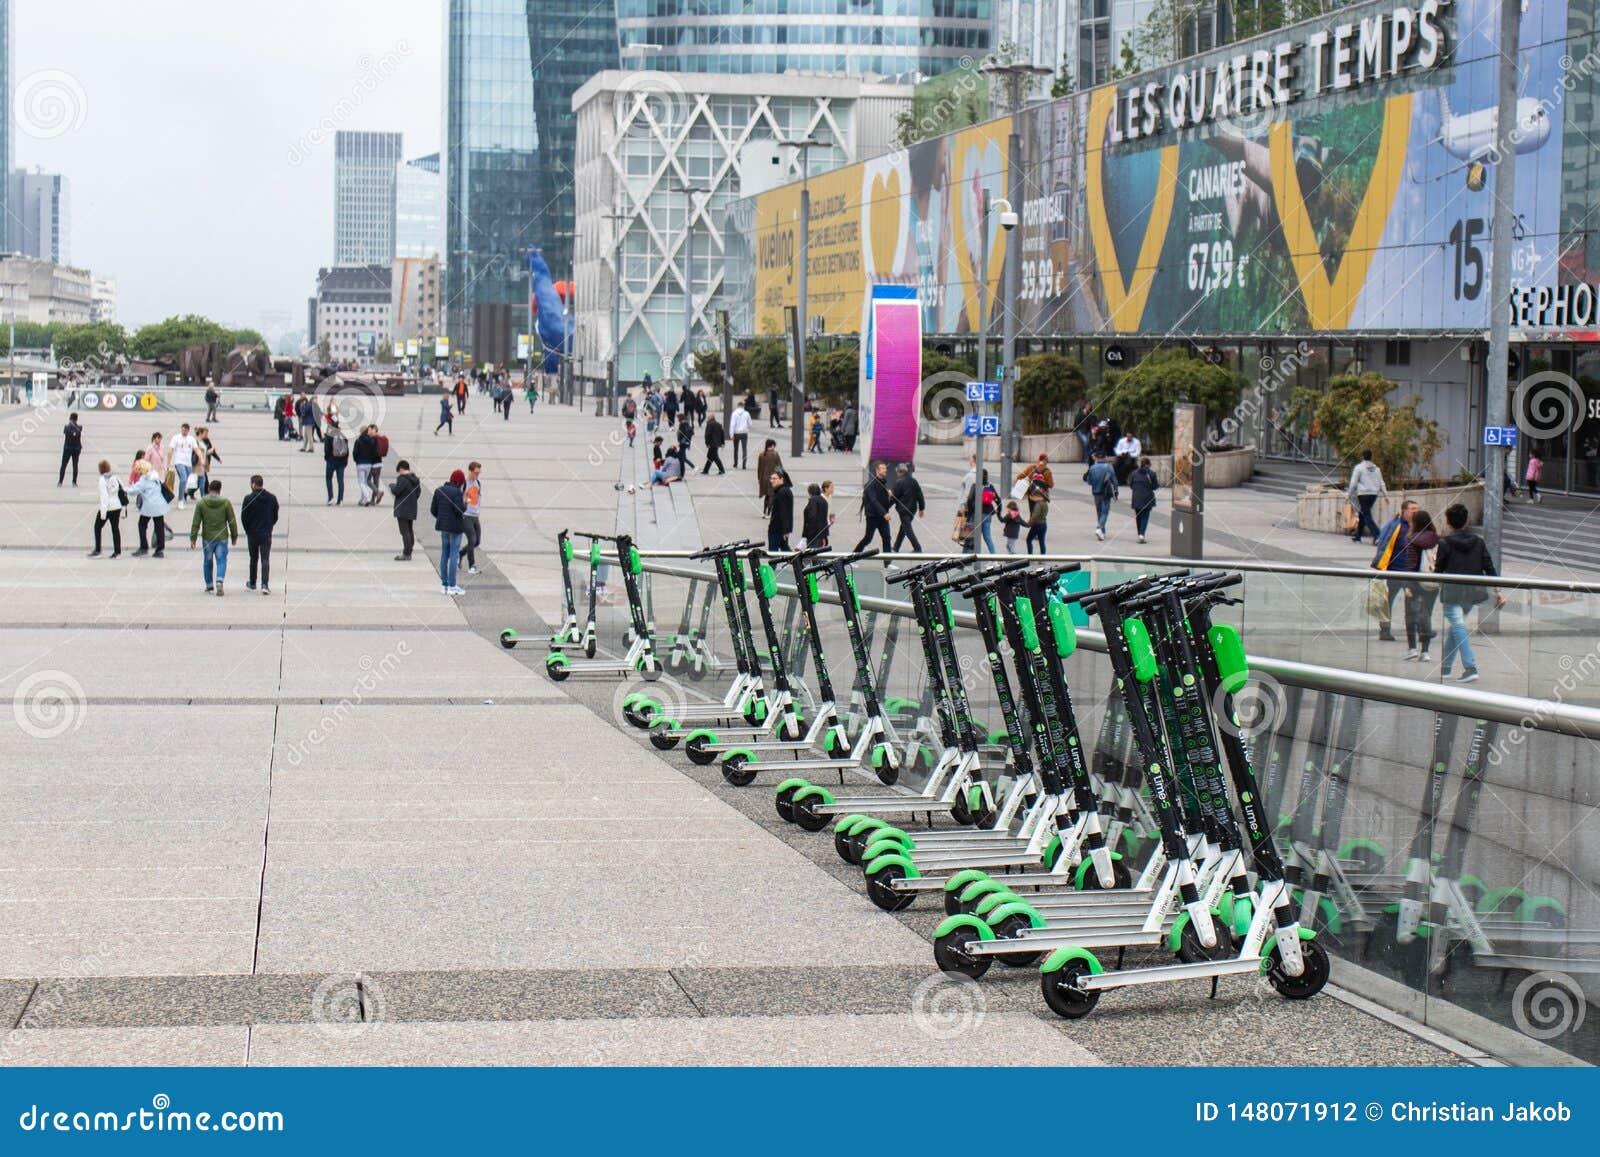 Elektrische Roller des Kalkes werden am La Défense in Paris, Frankreich geparkt